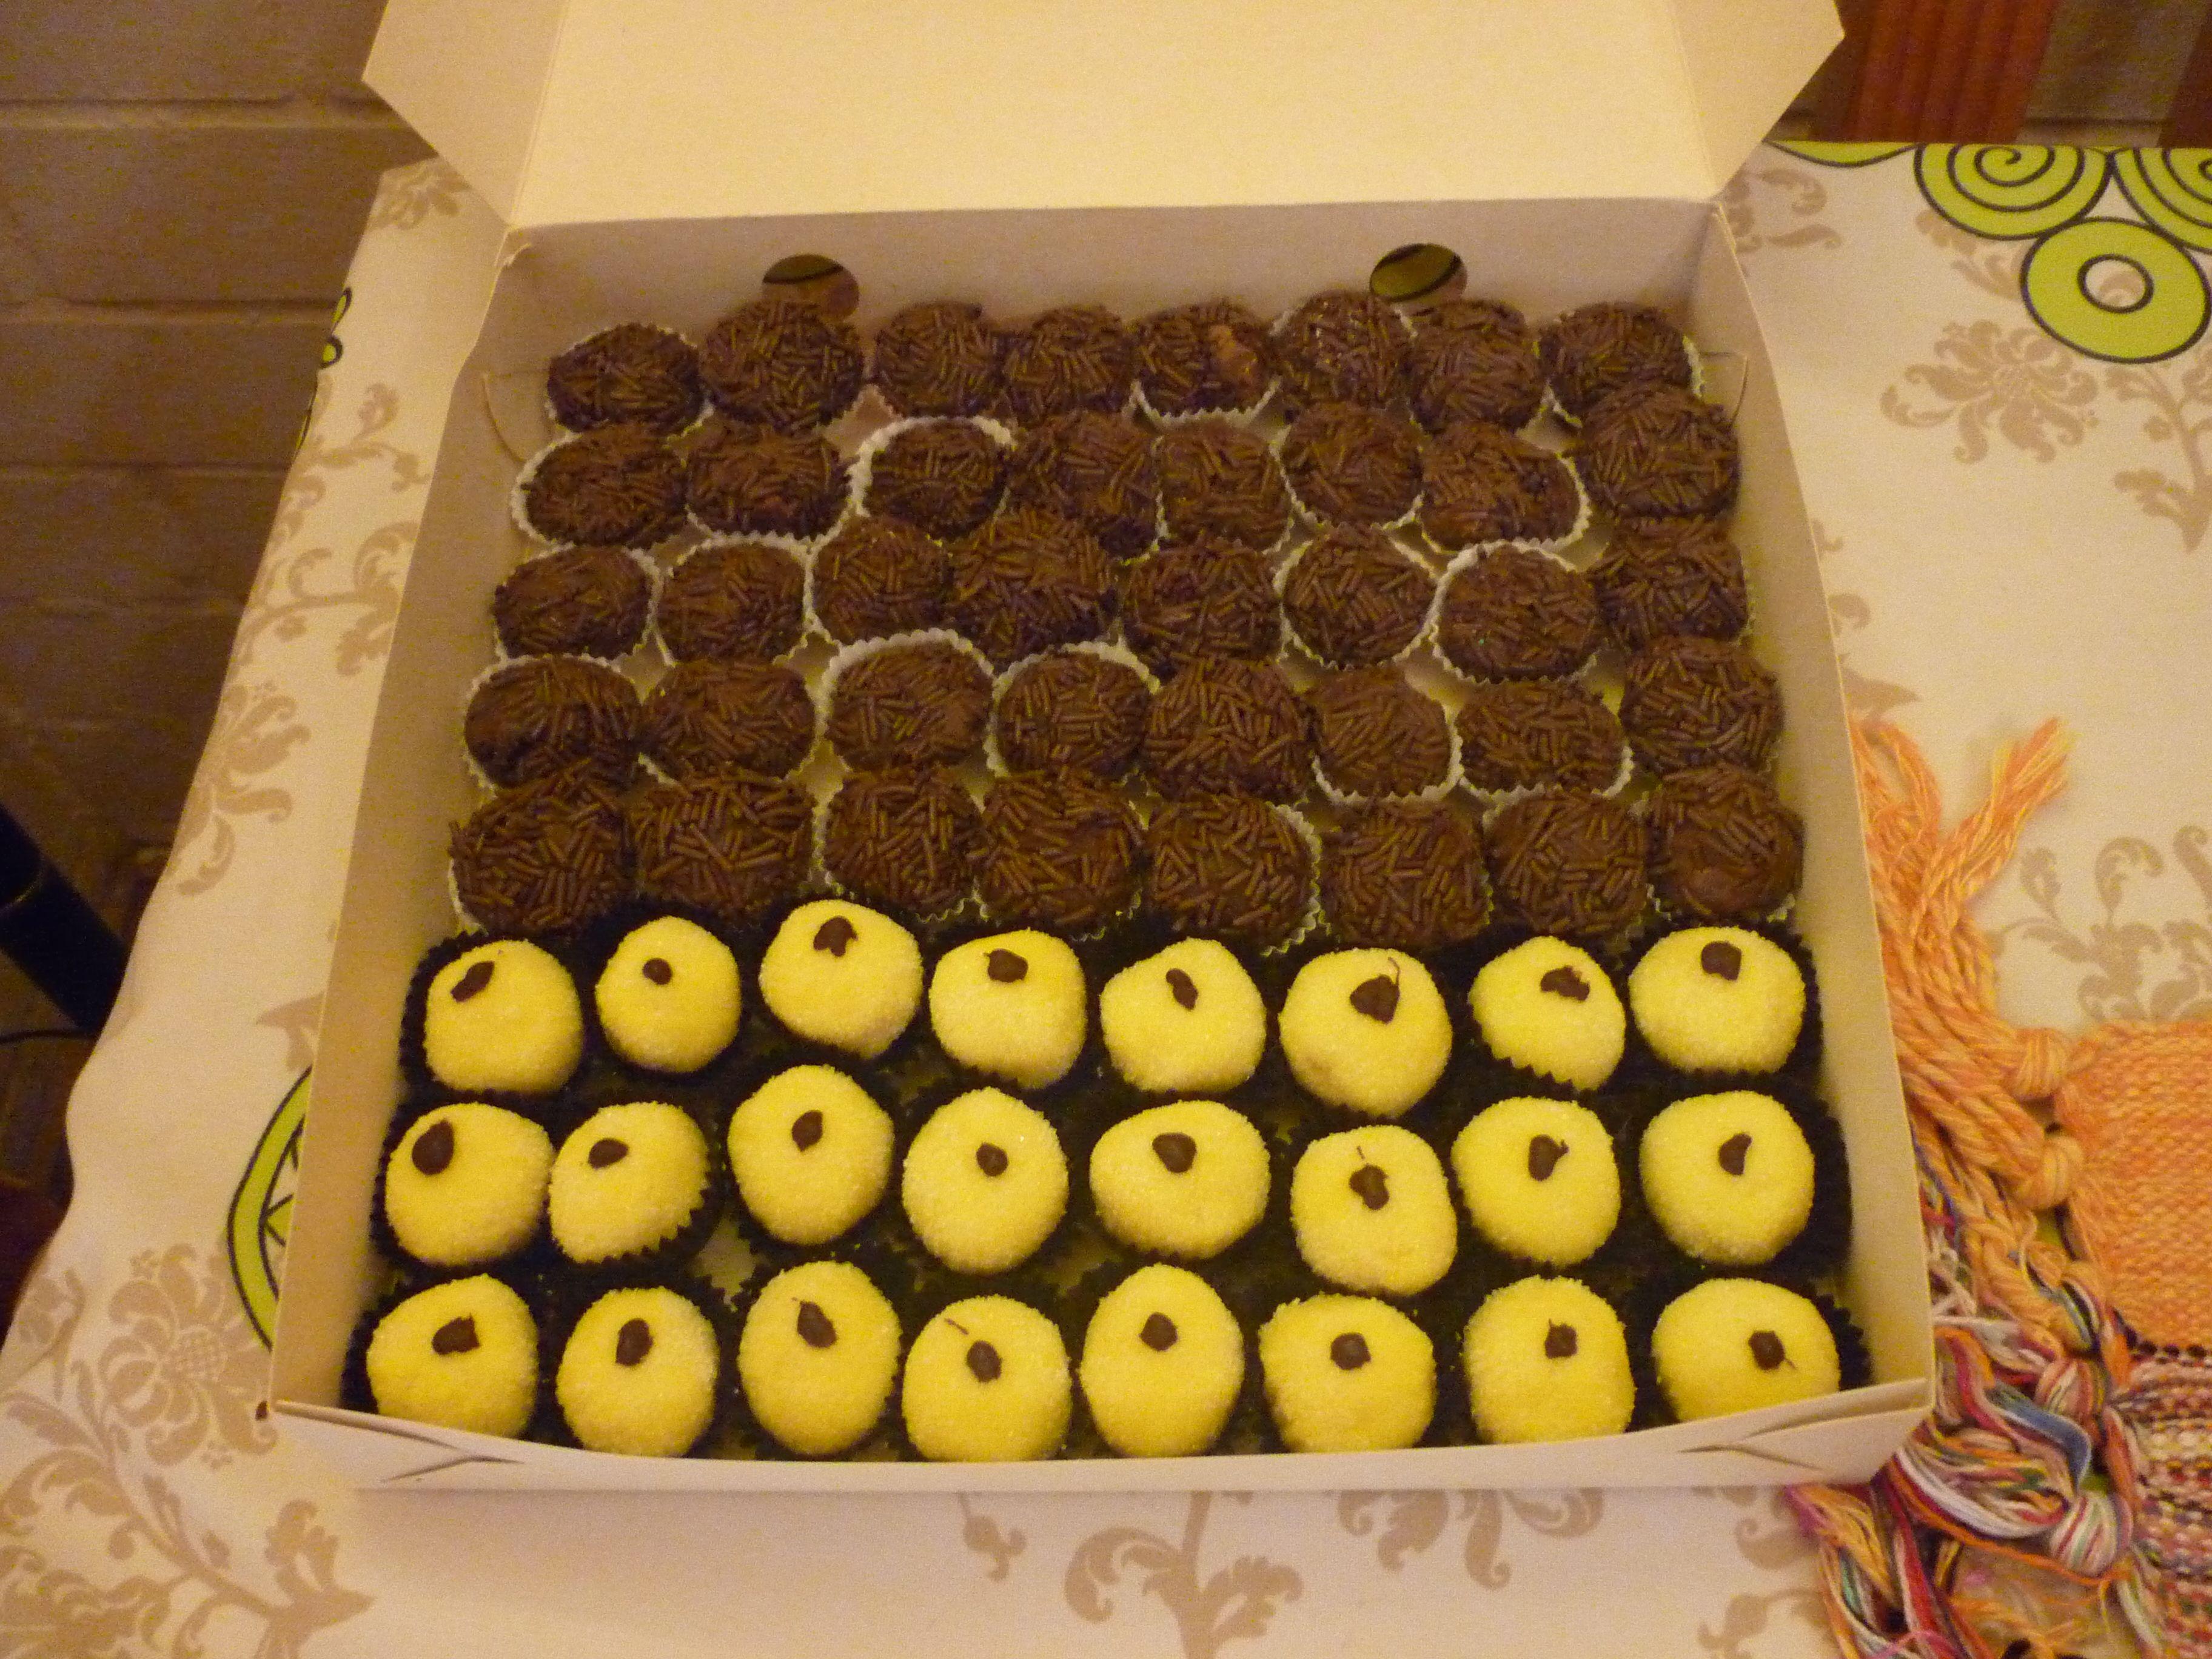 Brigadeiros de Chocolate y Coco